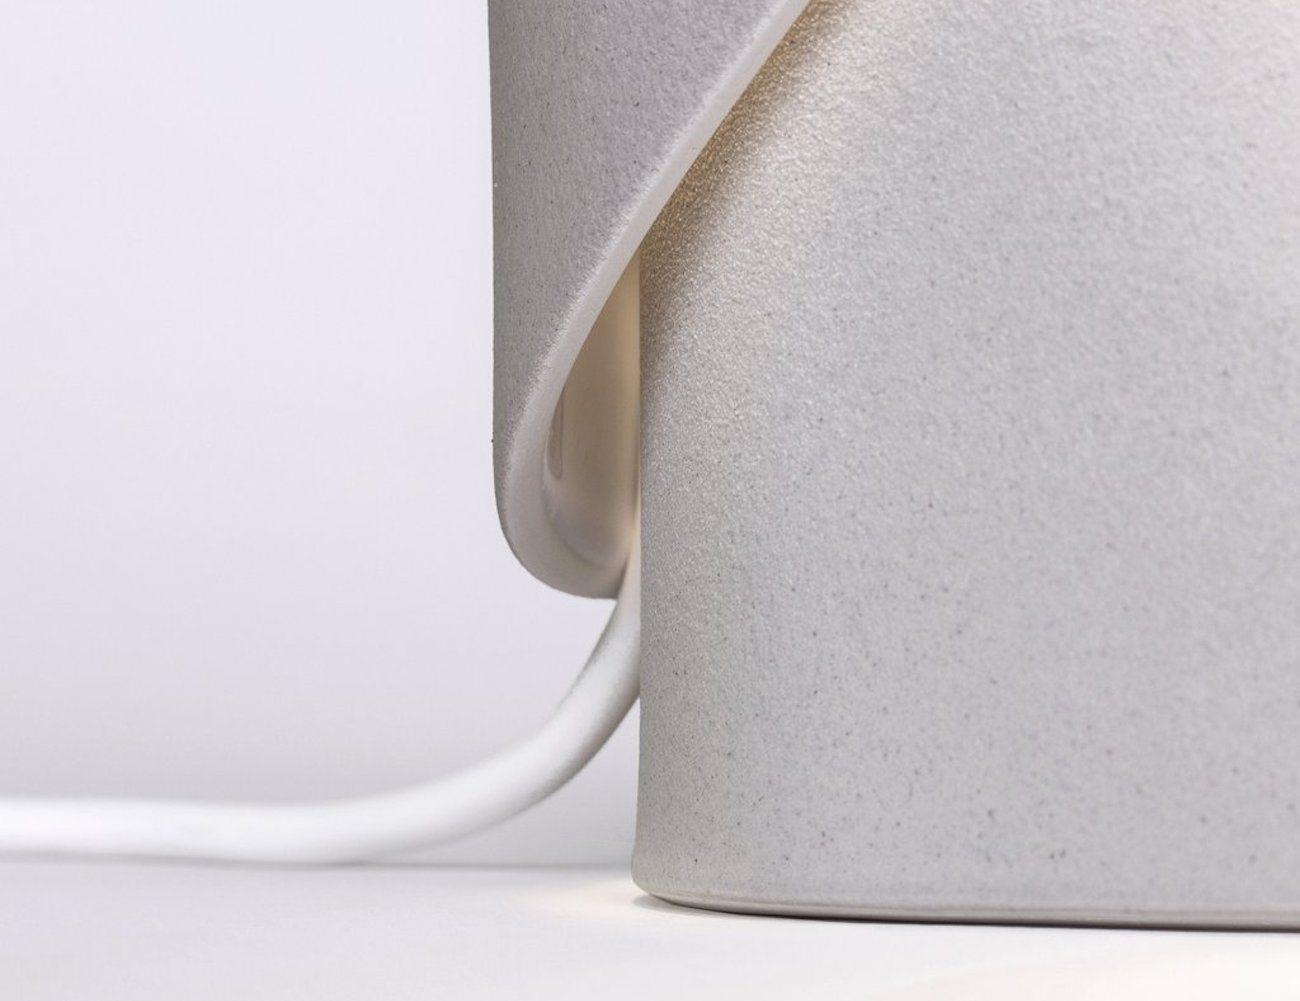 K Ceramic LED Lamp by Vitamin